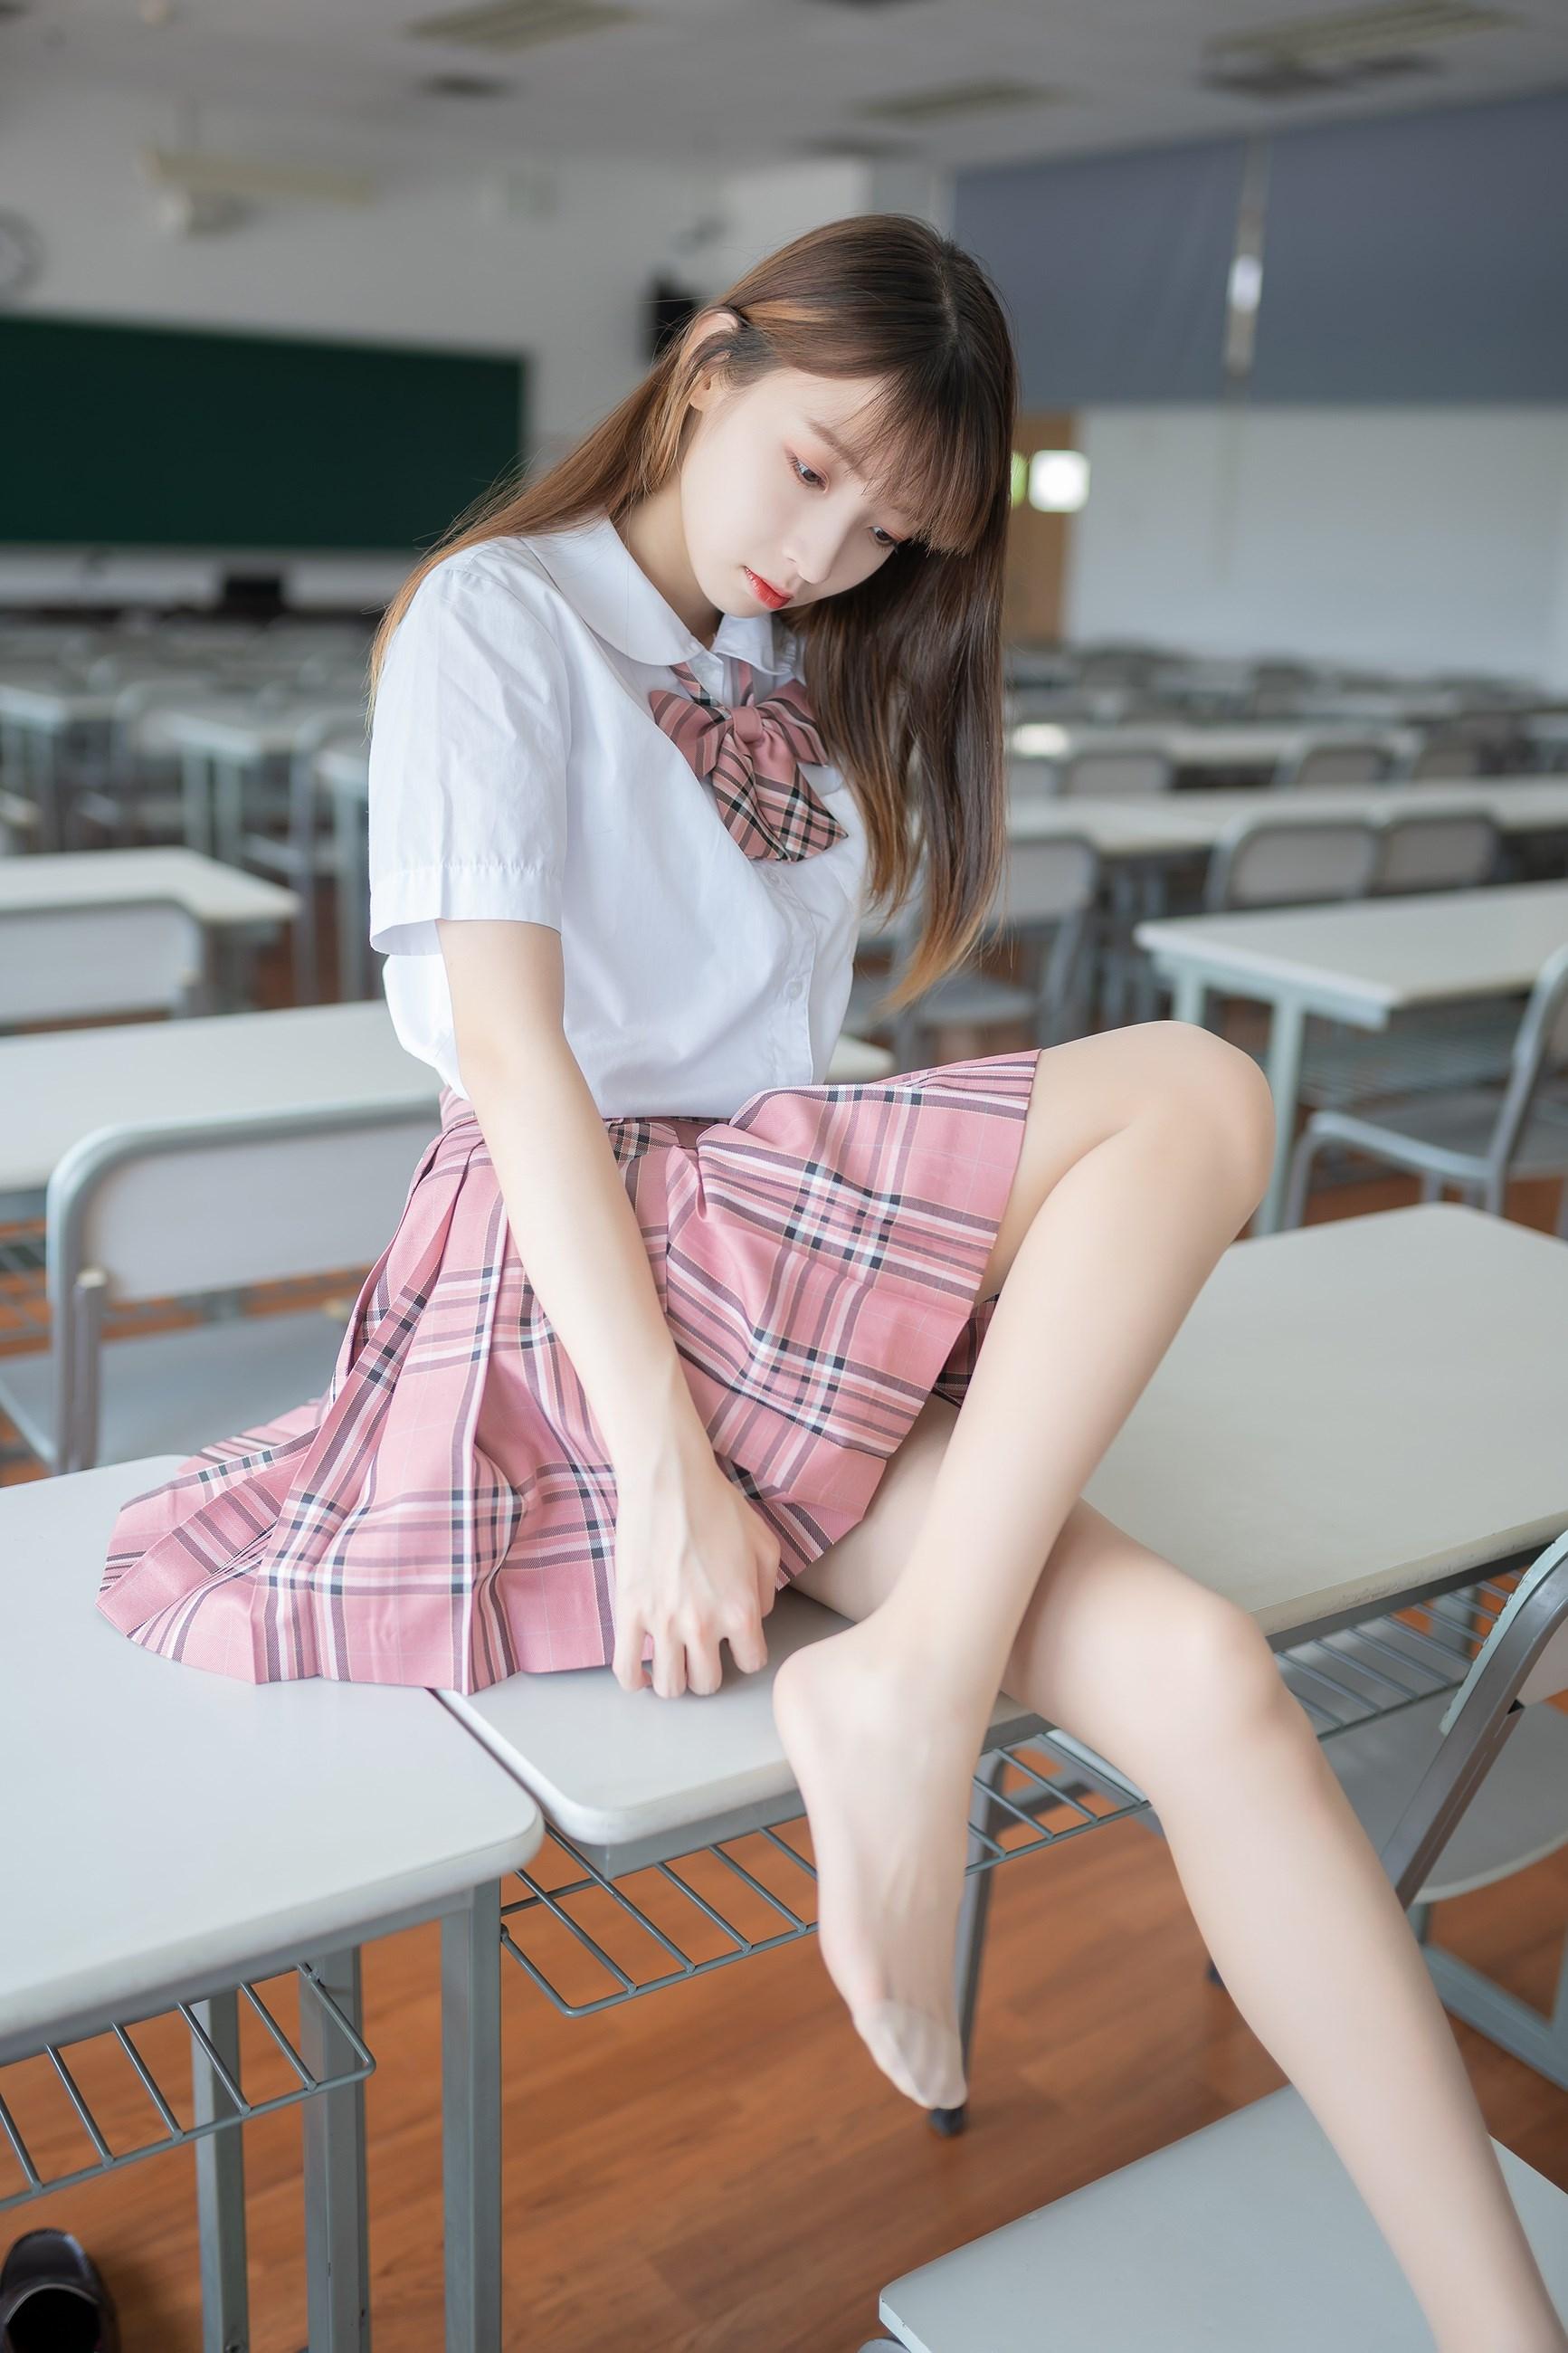 【兔玩映画】粉色格裙少女 兔玩映画 第1张